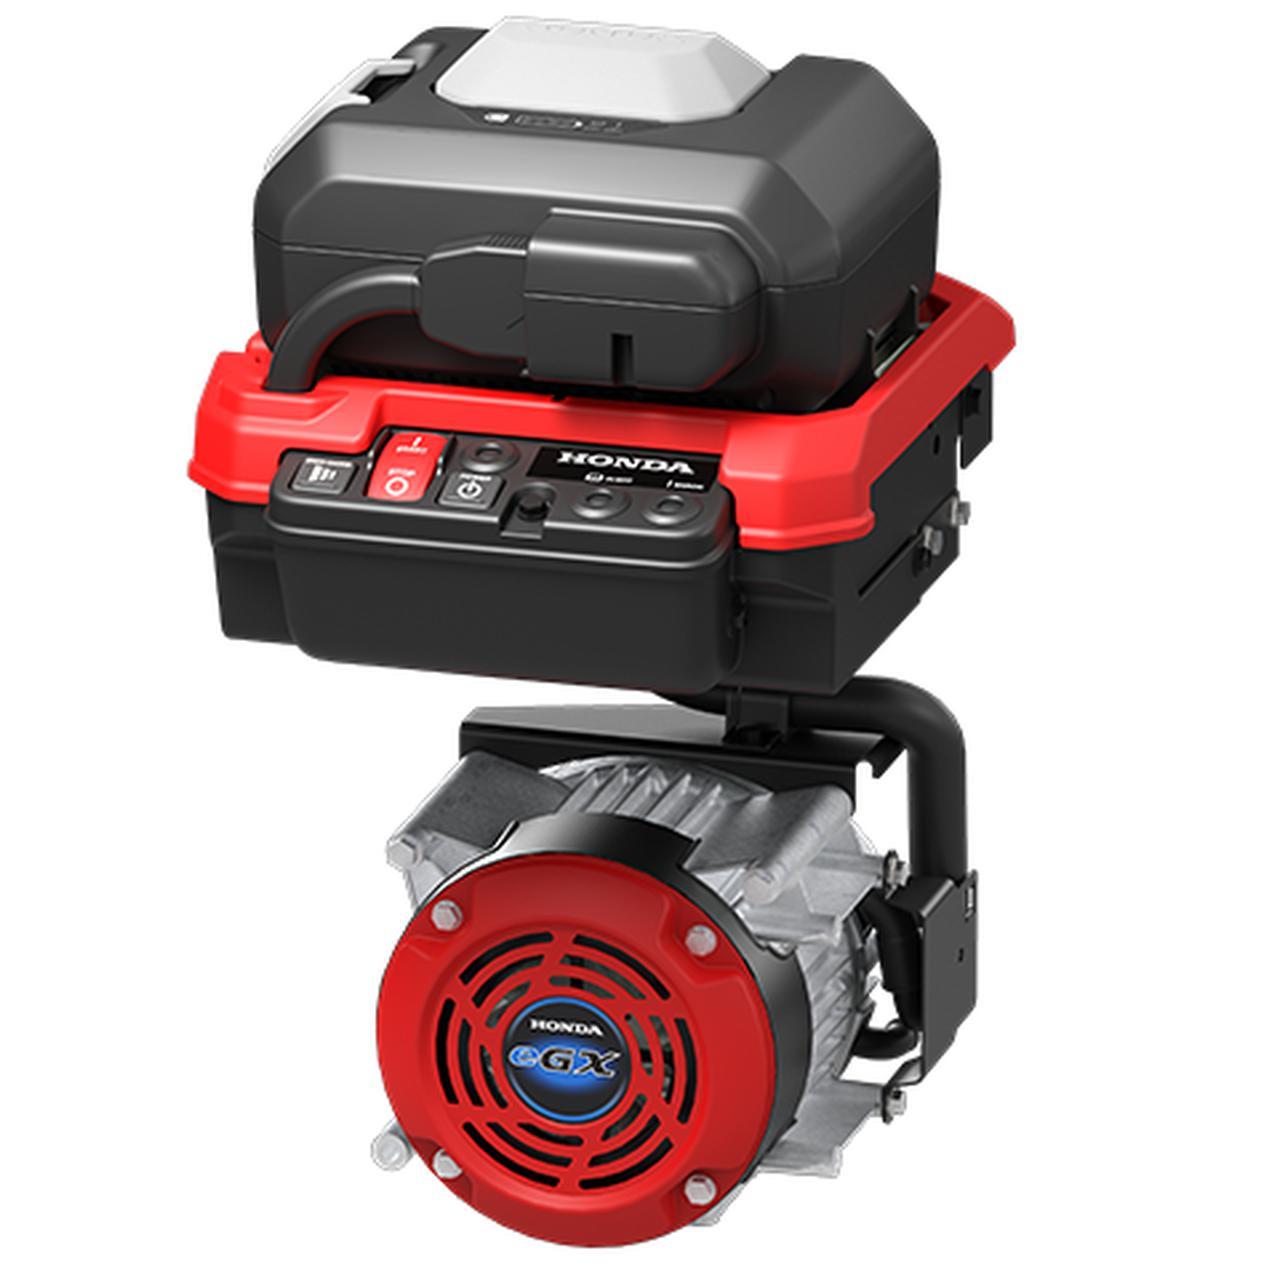 画像: セパレート型の「GXE2.0S」はコントロールユニットが全長351×全幅299×全高251mm(バッテリーパック含む)、モーターが全長233×全幅224×全高194mmというサイズ。重さは22.9kgです。 www.honda.co.jp